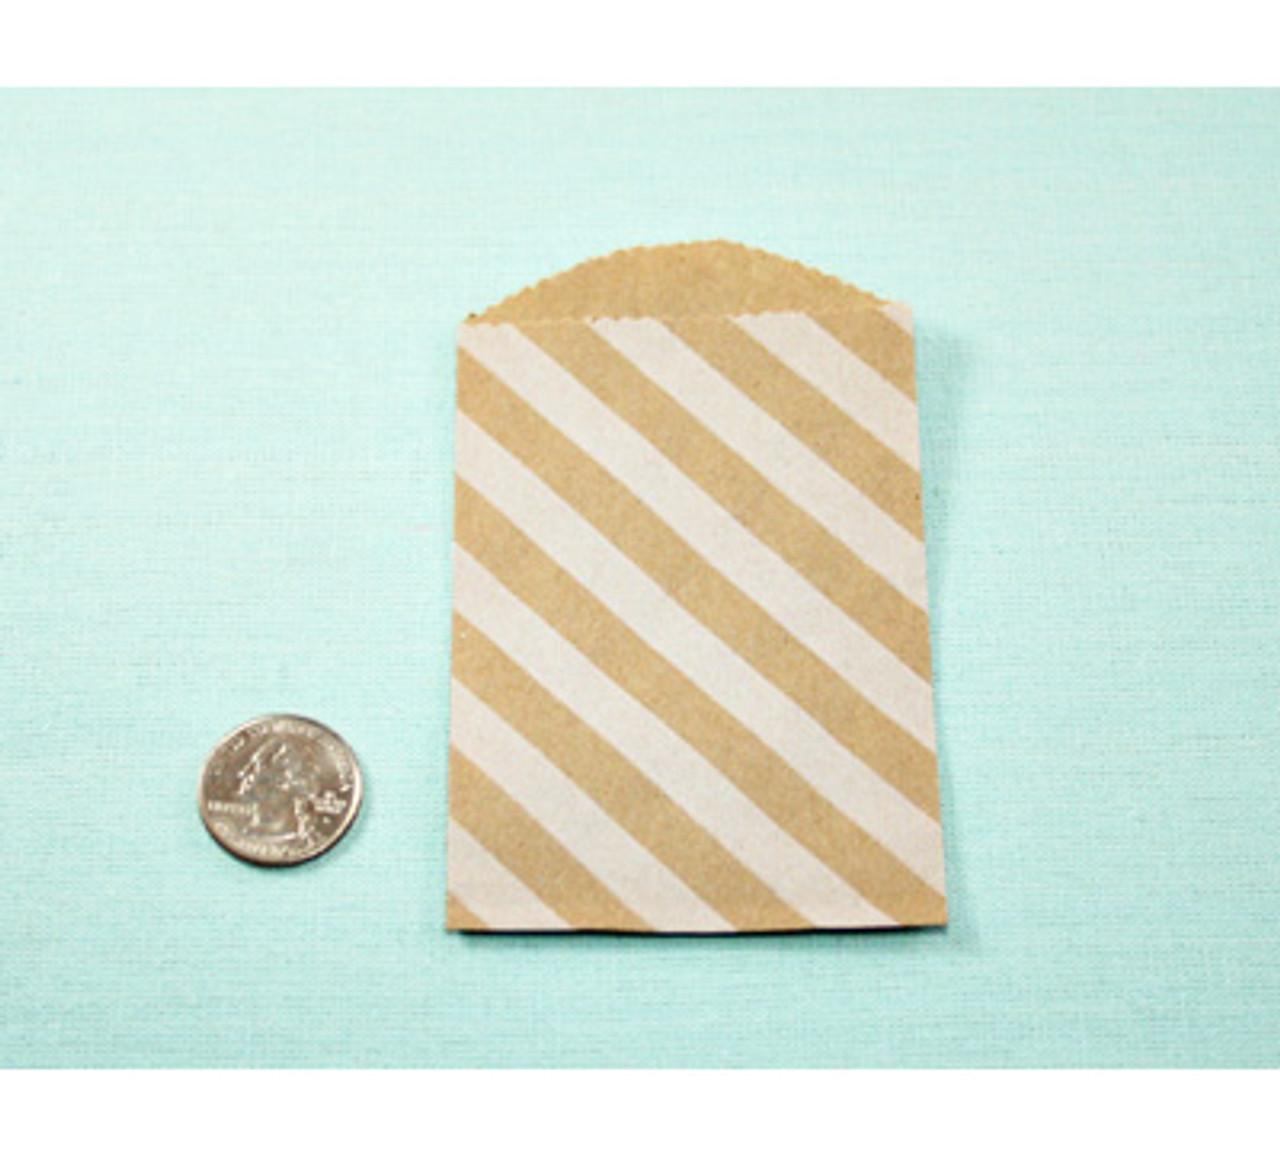 Little White Diagonal Stripe Bags